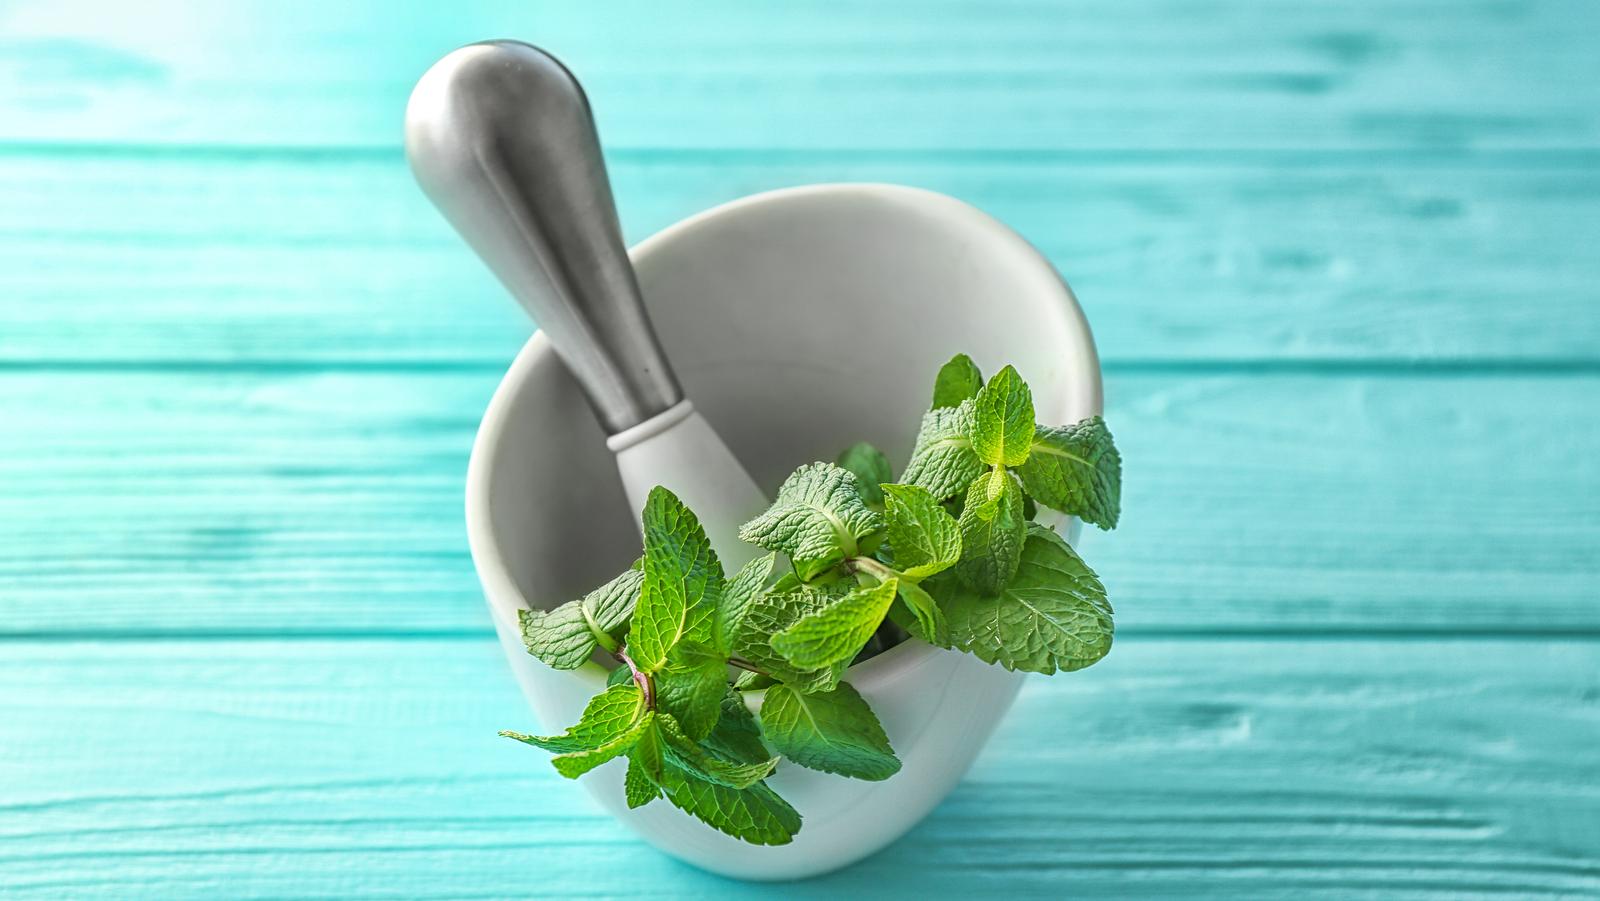 Hogyan készítsünk fürdőt citromfűből? - Gyógynövények - Konyhakert